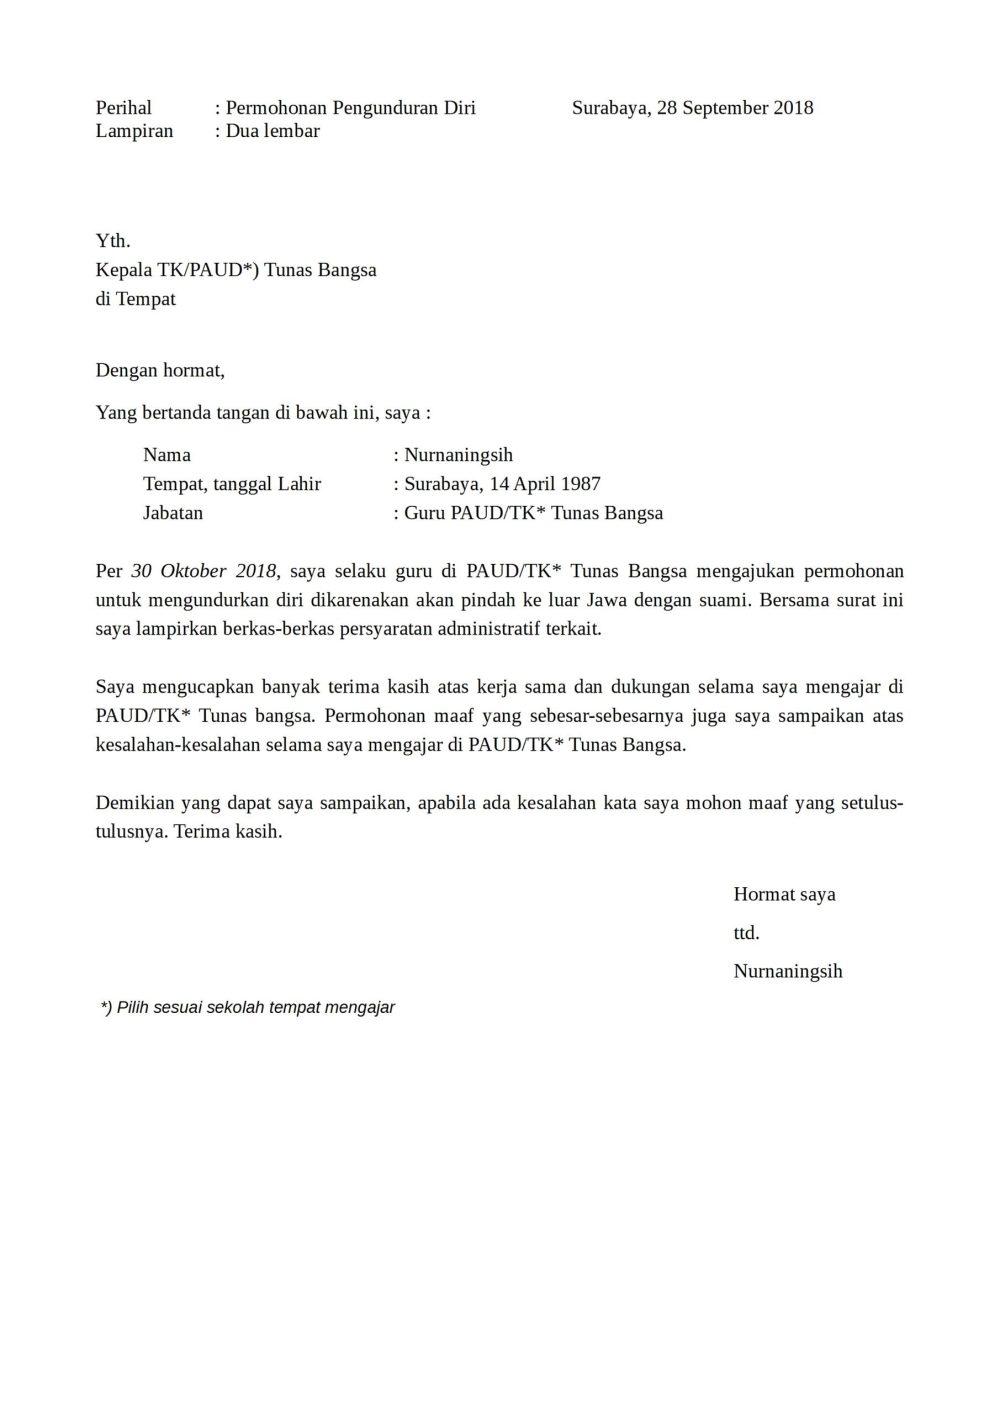 4. Contoh Surat Pengunduran Diri Dari Jabatan Ketua